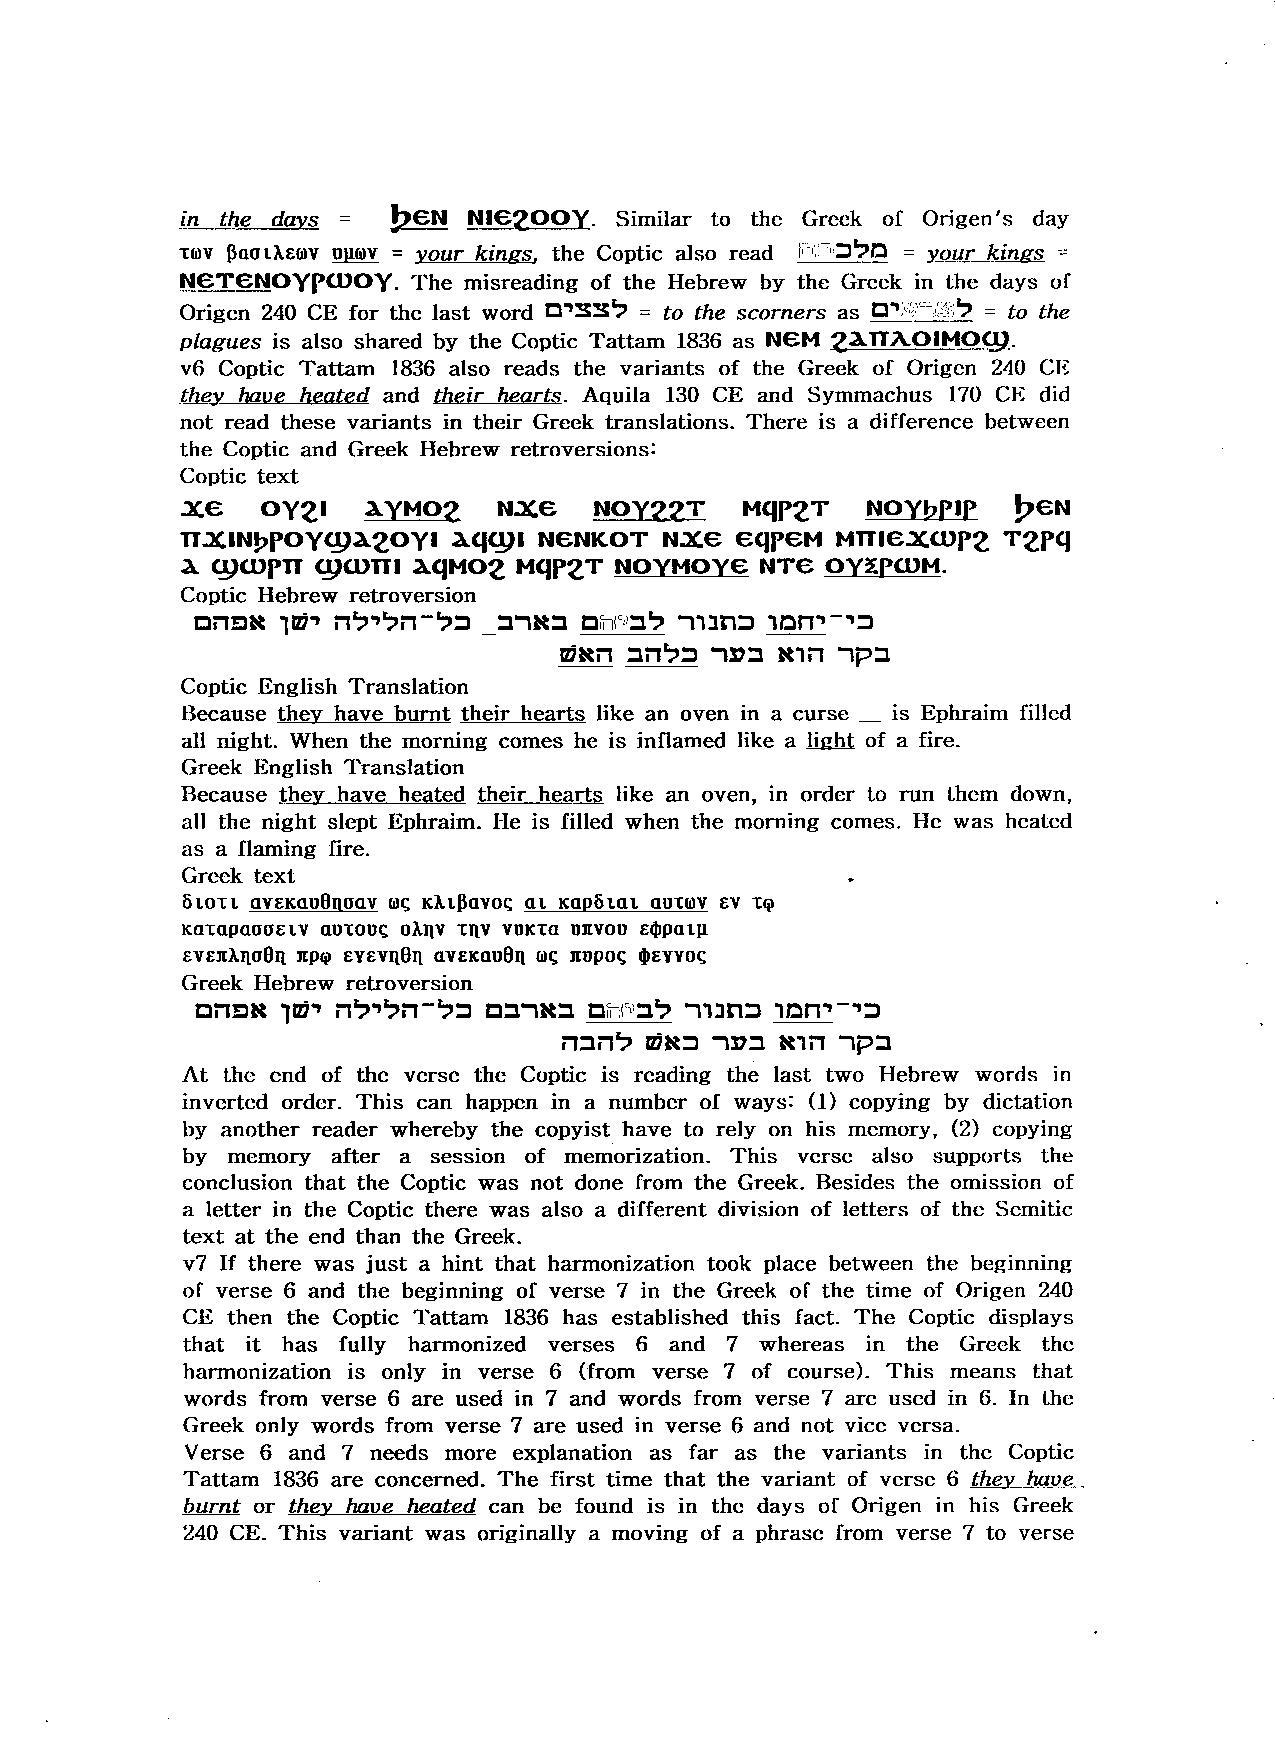 coptic of hosea in english 7e.jpg